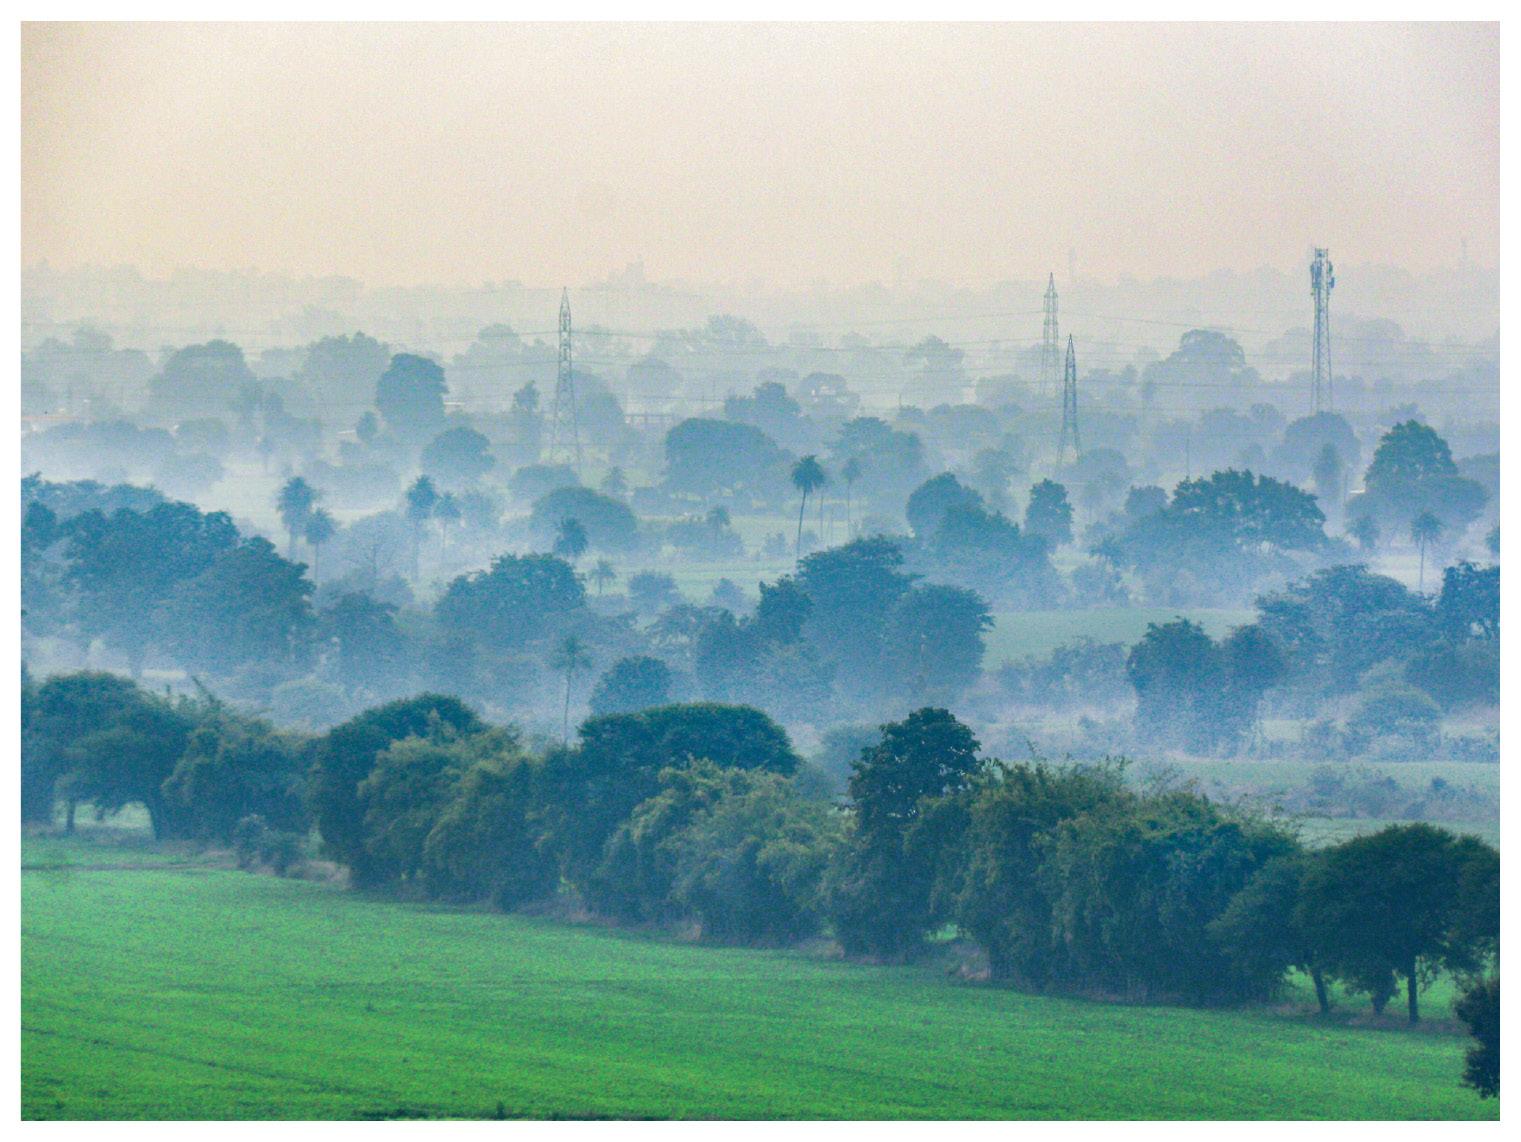 भोपाल के अचारपुरा से शहर की तरफ जाते समय क्लिक की गई फोटो।